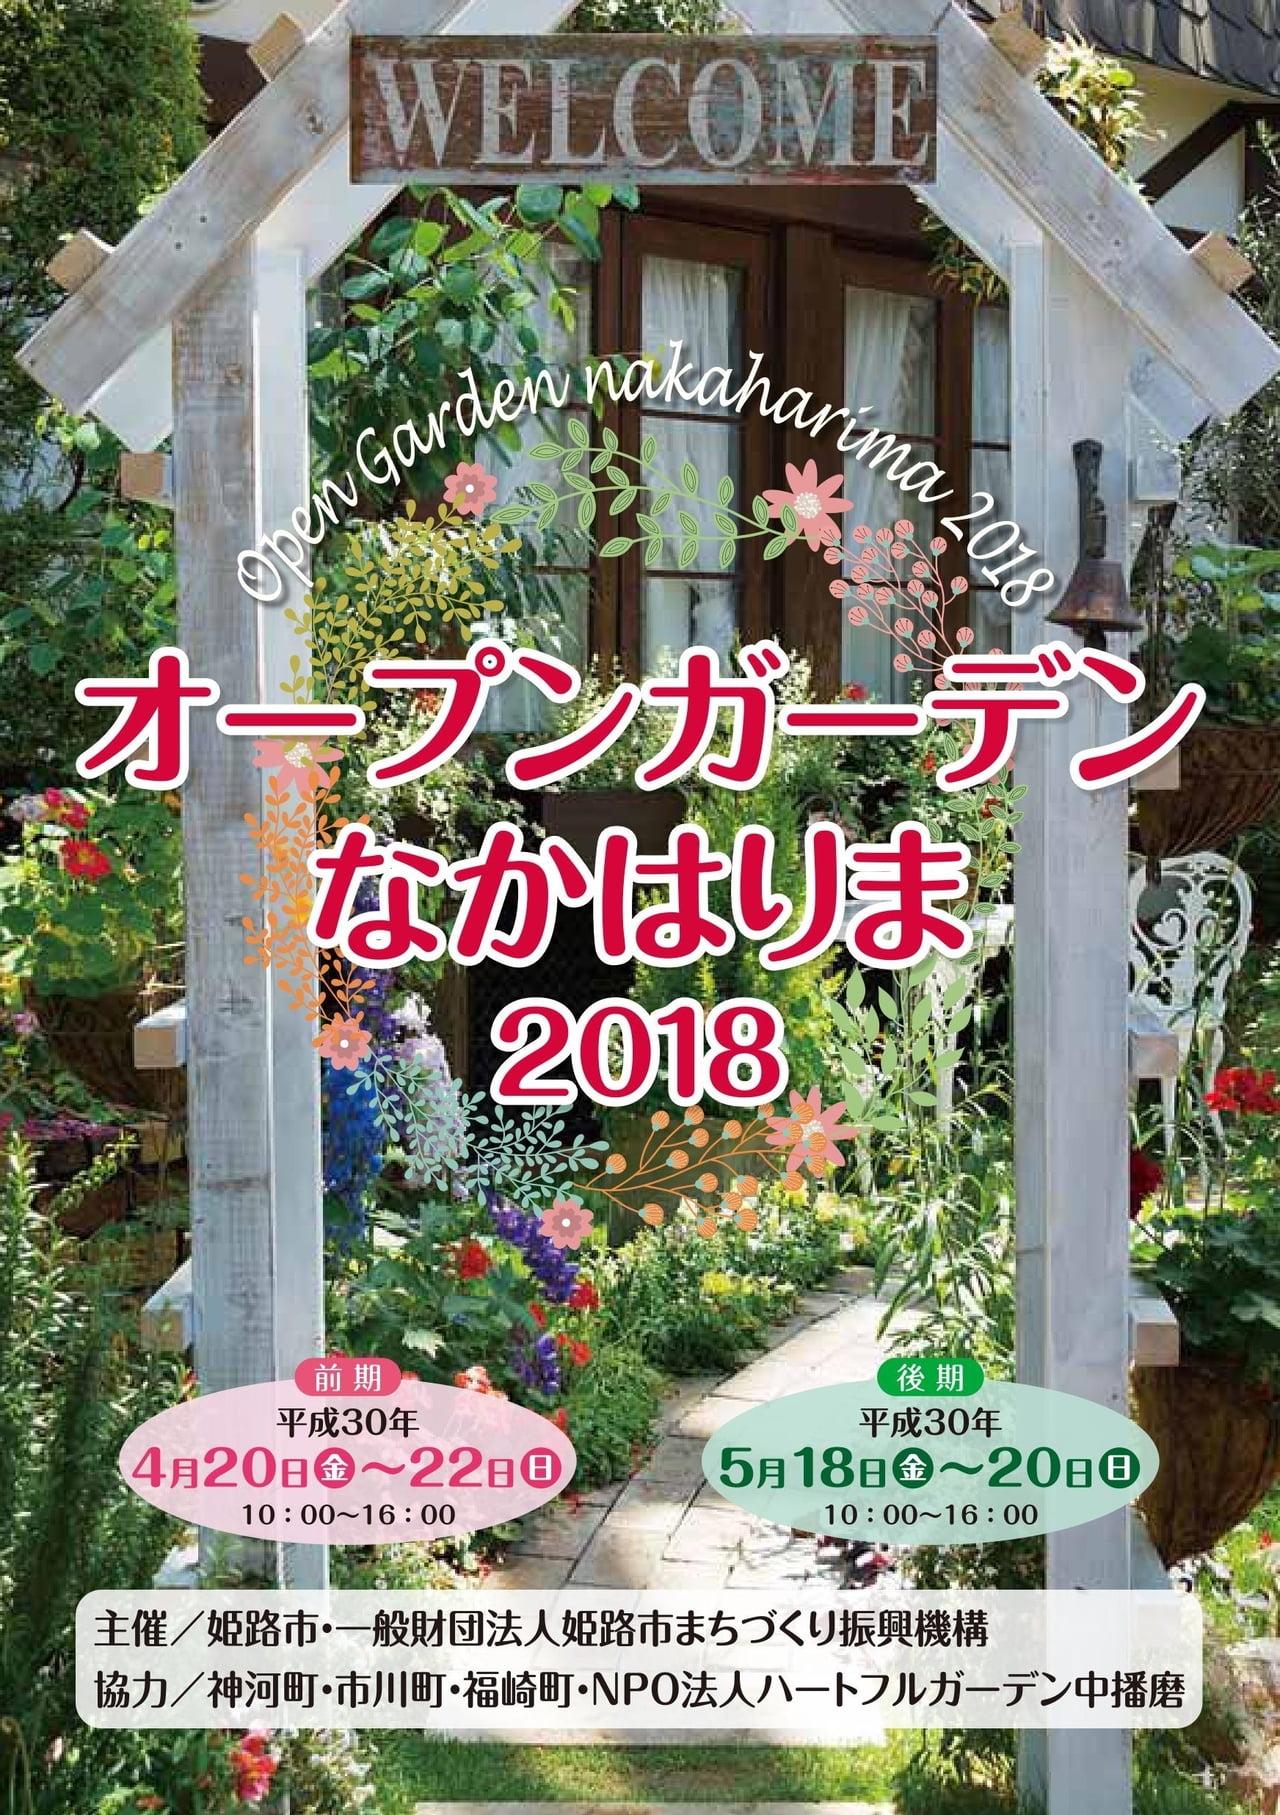 【イベント】オープンガーデンなかはりま2018~前期4月20日~22日・後期5月18日~20日 ~観たい~